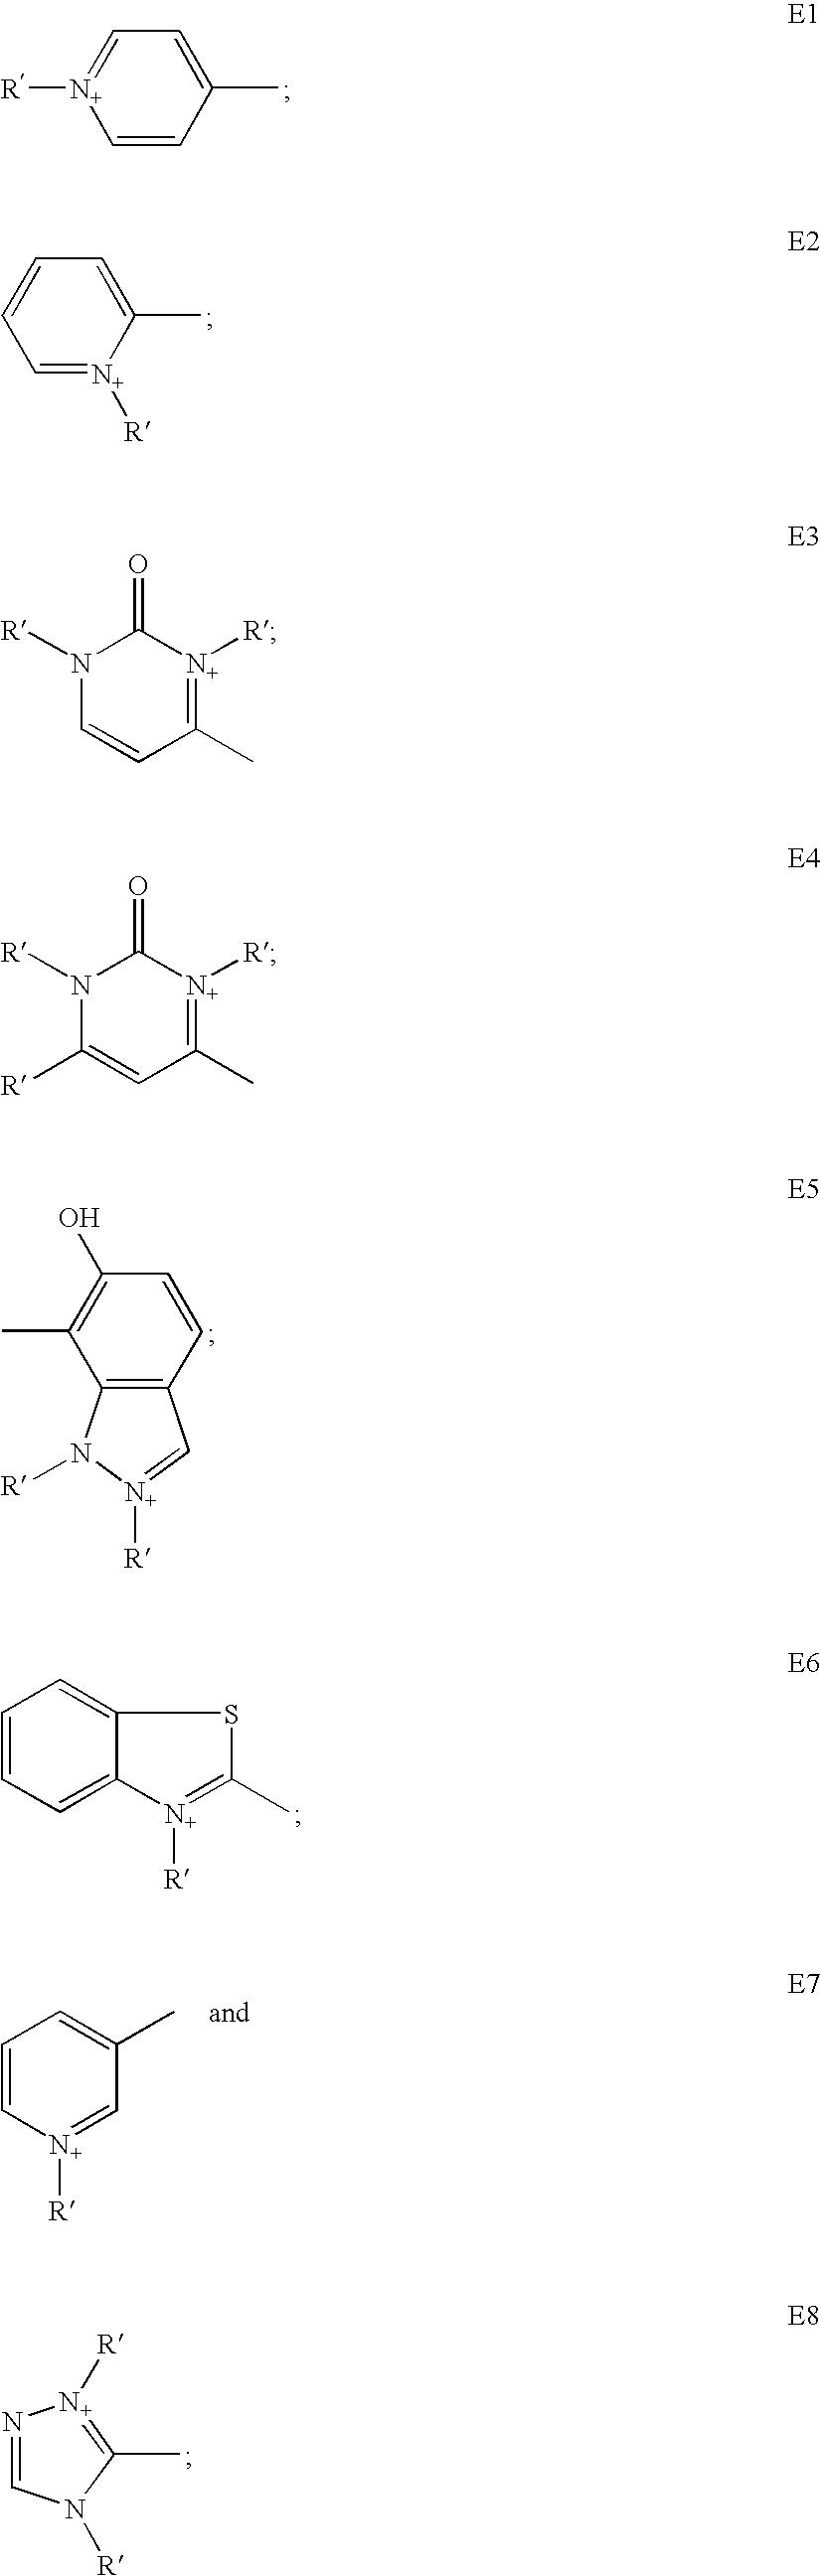 Figure US20100199441A1-20100812-C00012